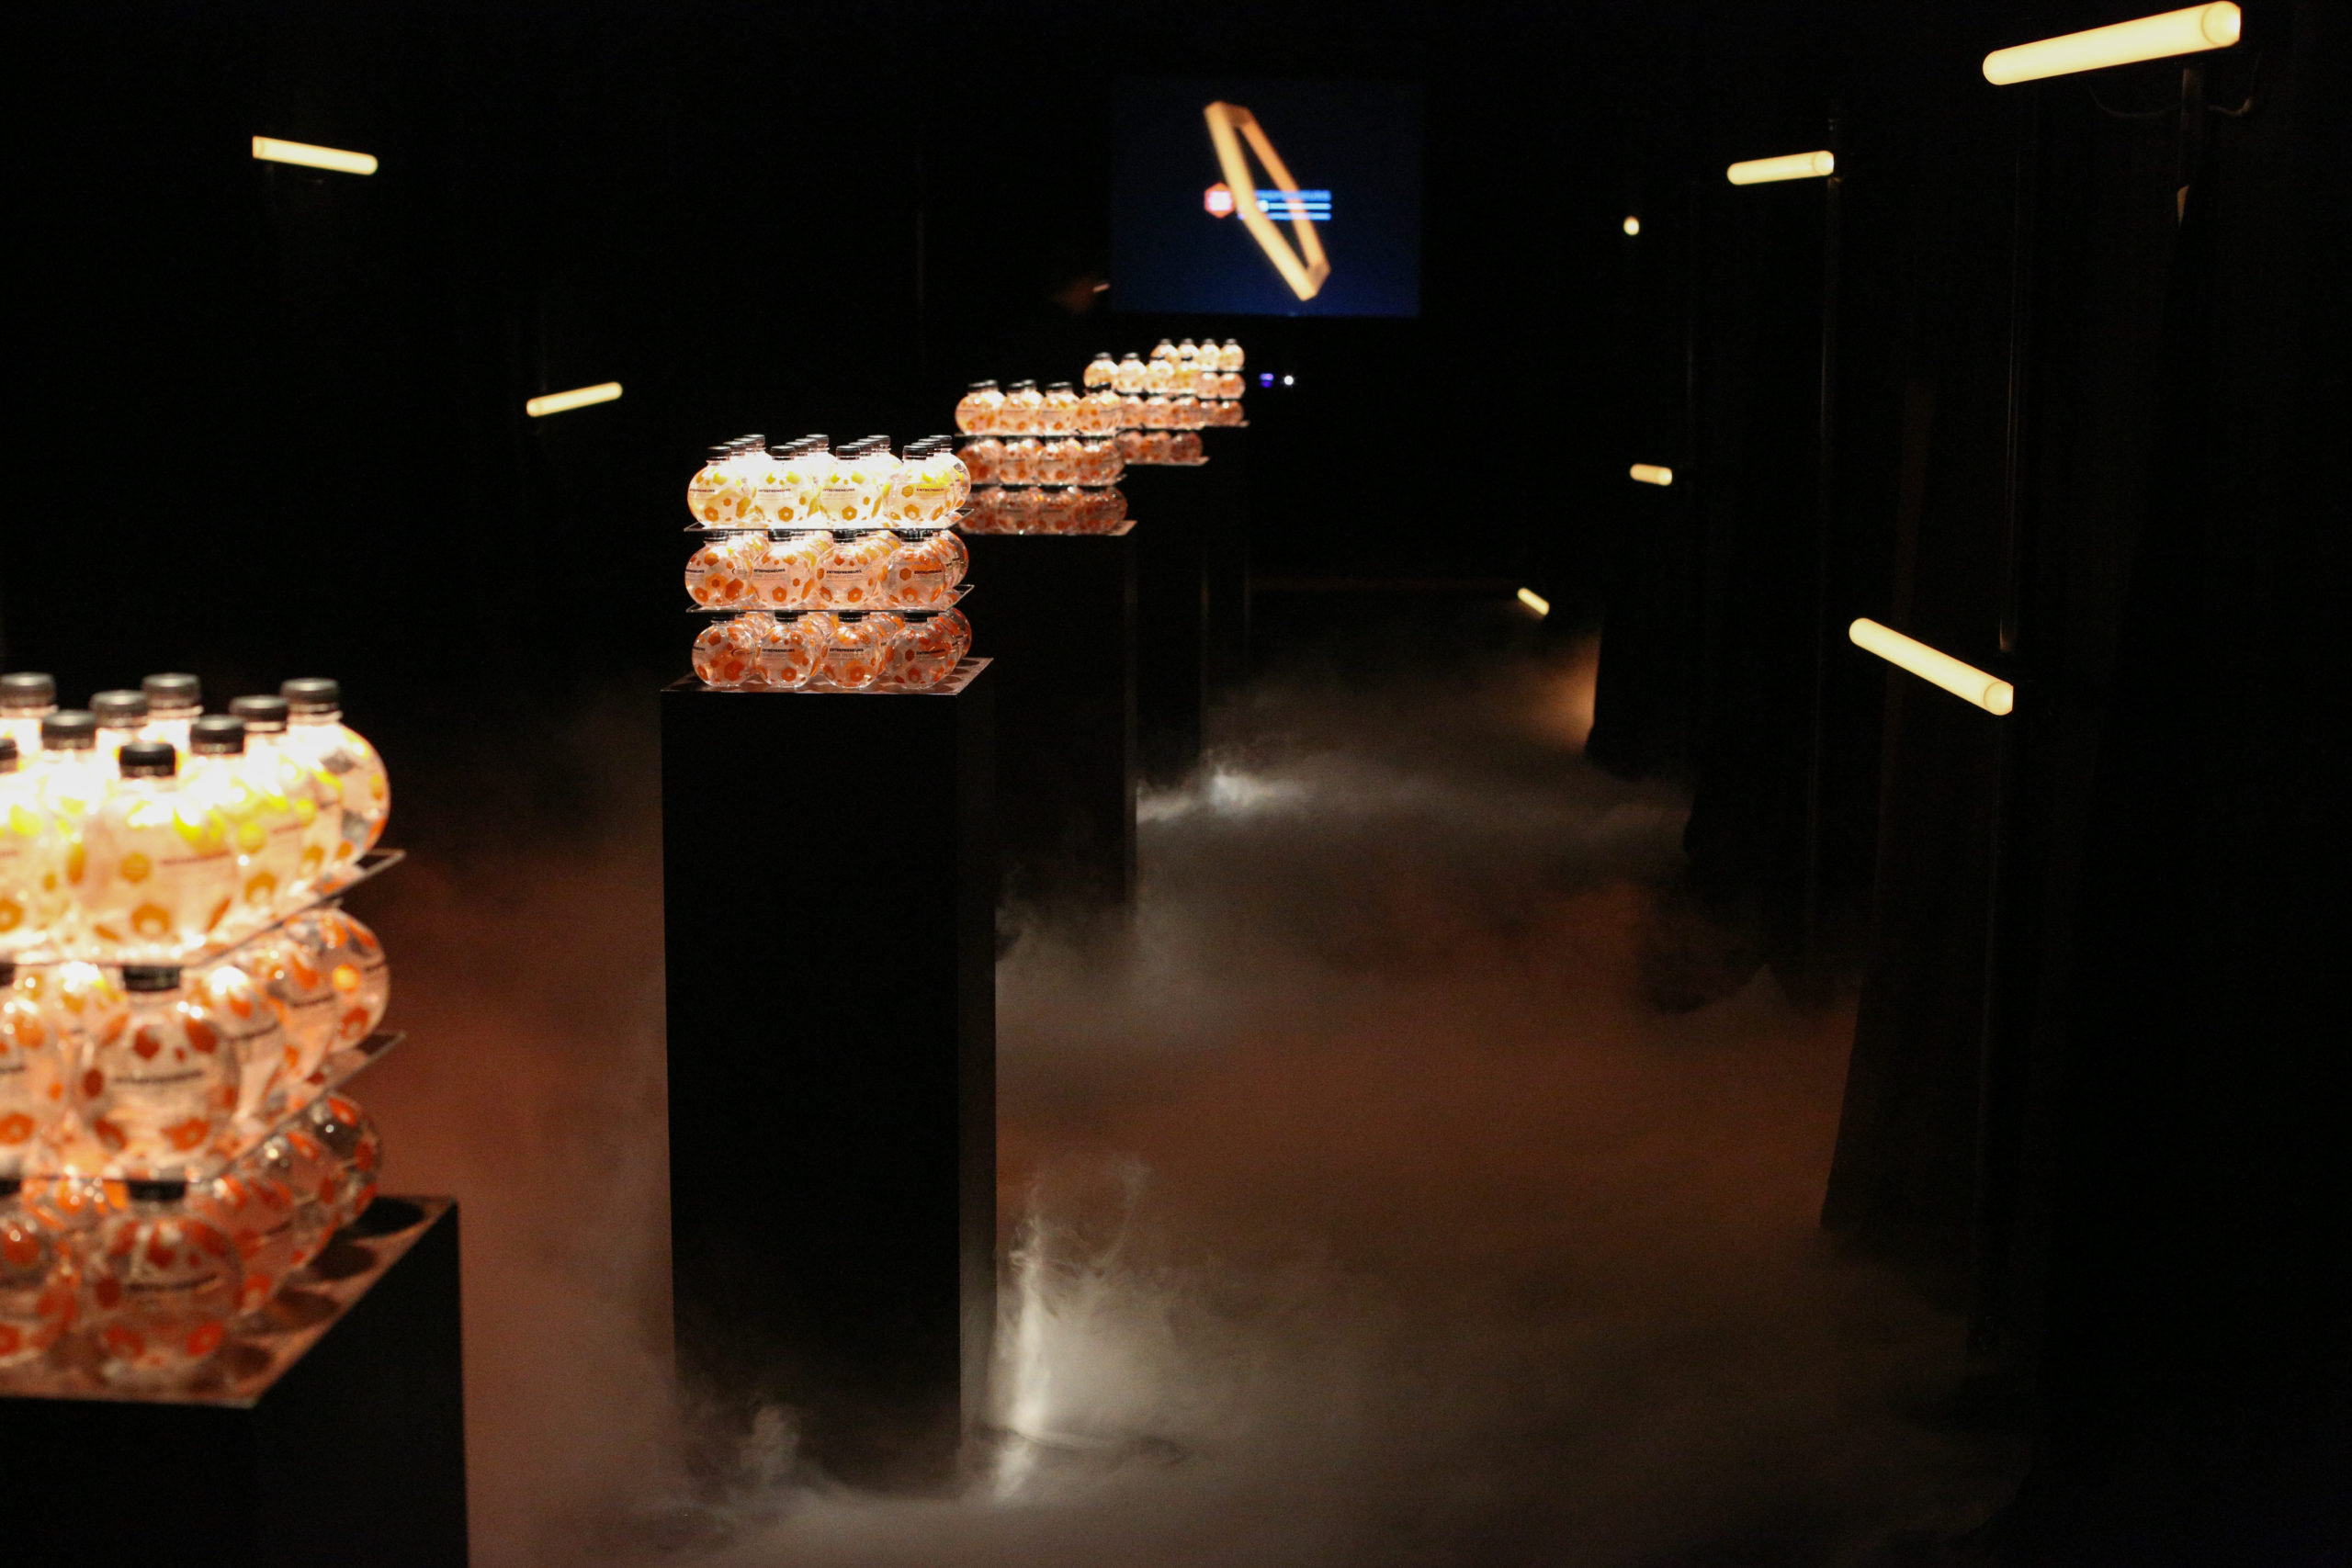 Shine a light agence évènementielle luxembourg - créateur d'expériences immersives - Entrepreneurs day Chambre de Commerce